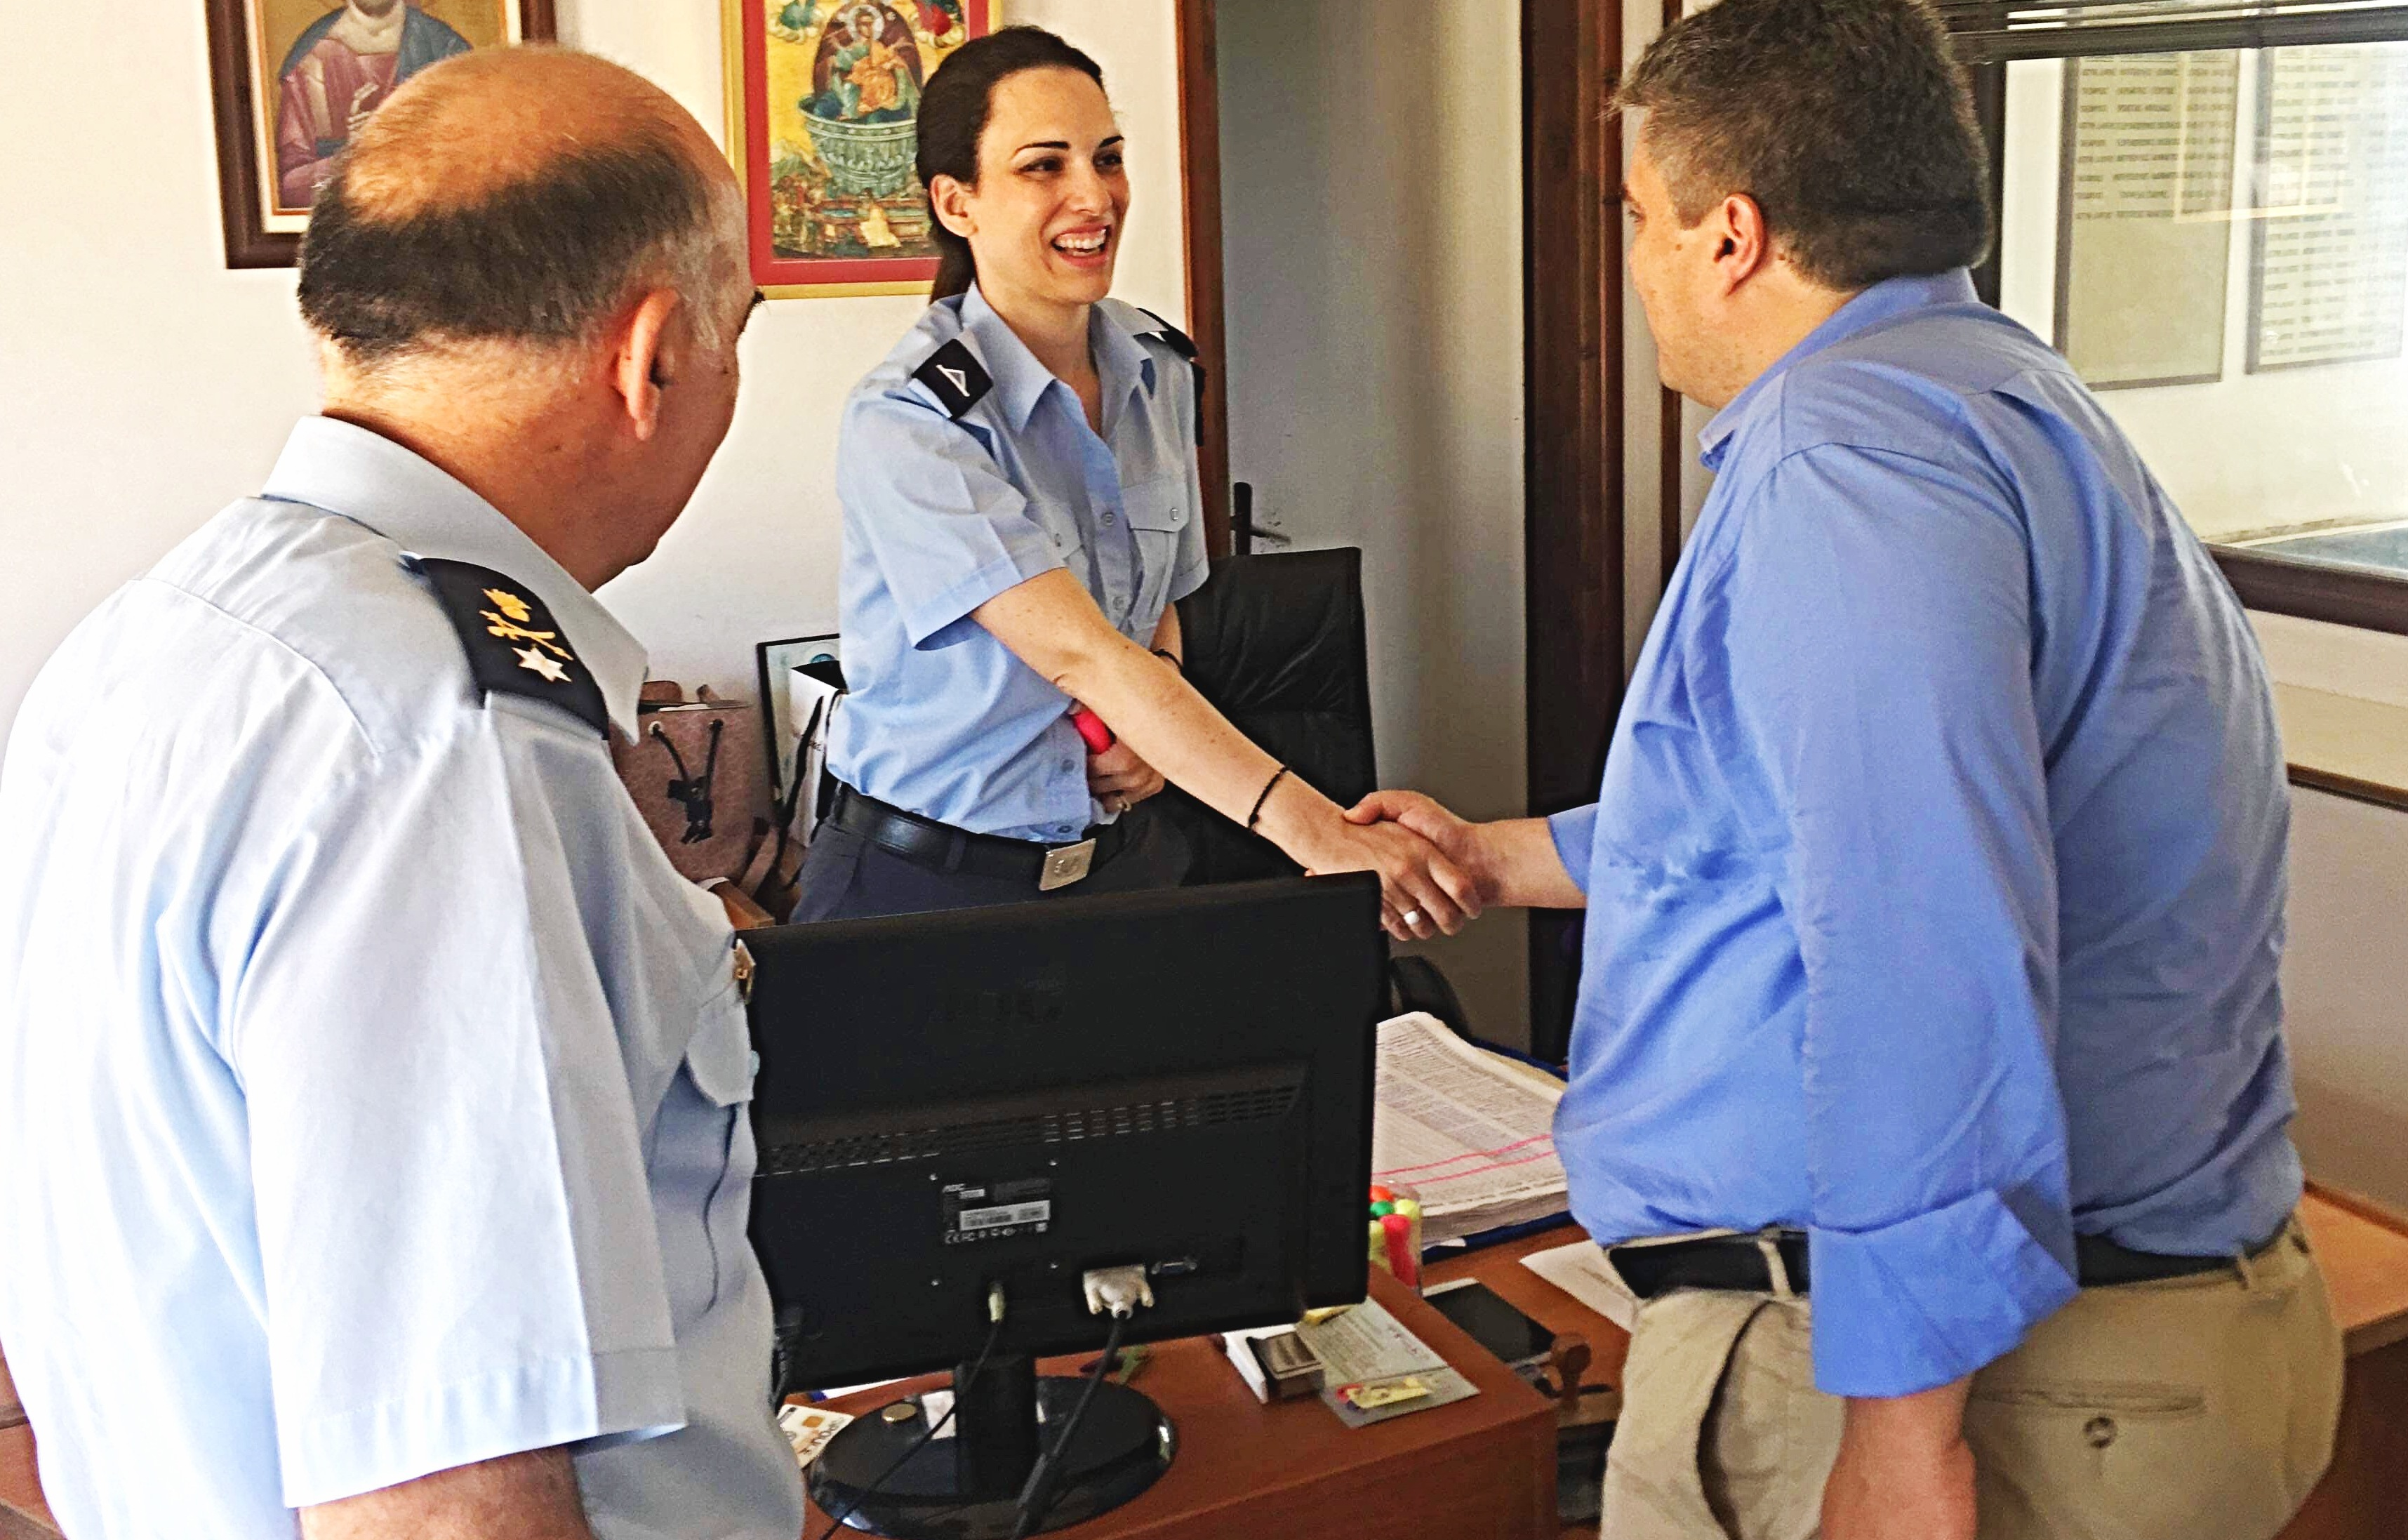 Μίλτος Χρυσομάλλης: «Υποχρέωση μας να βρισκόμαστε στο πλευρό των ανθρώπων των Σωμάτων Ασφαλείας» (photos)